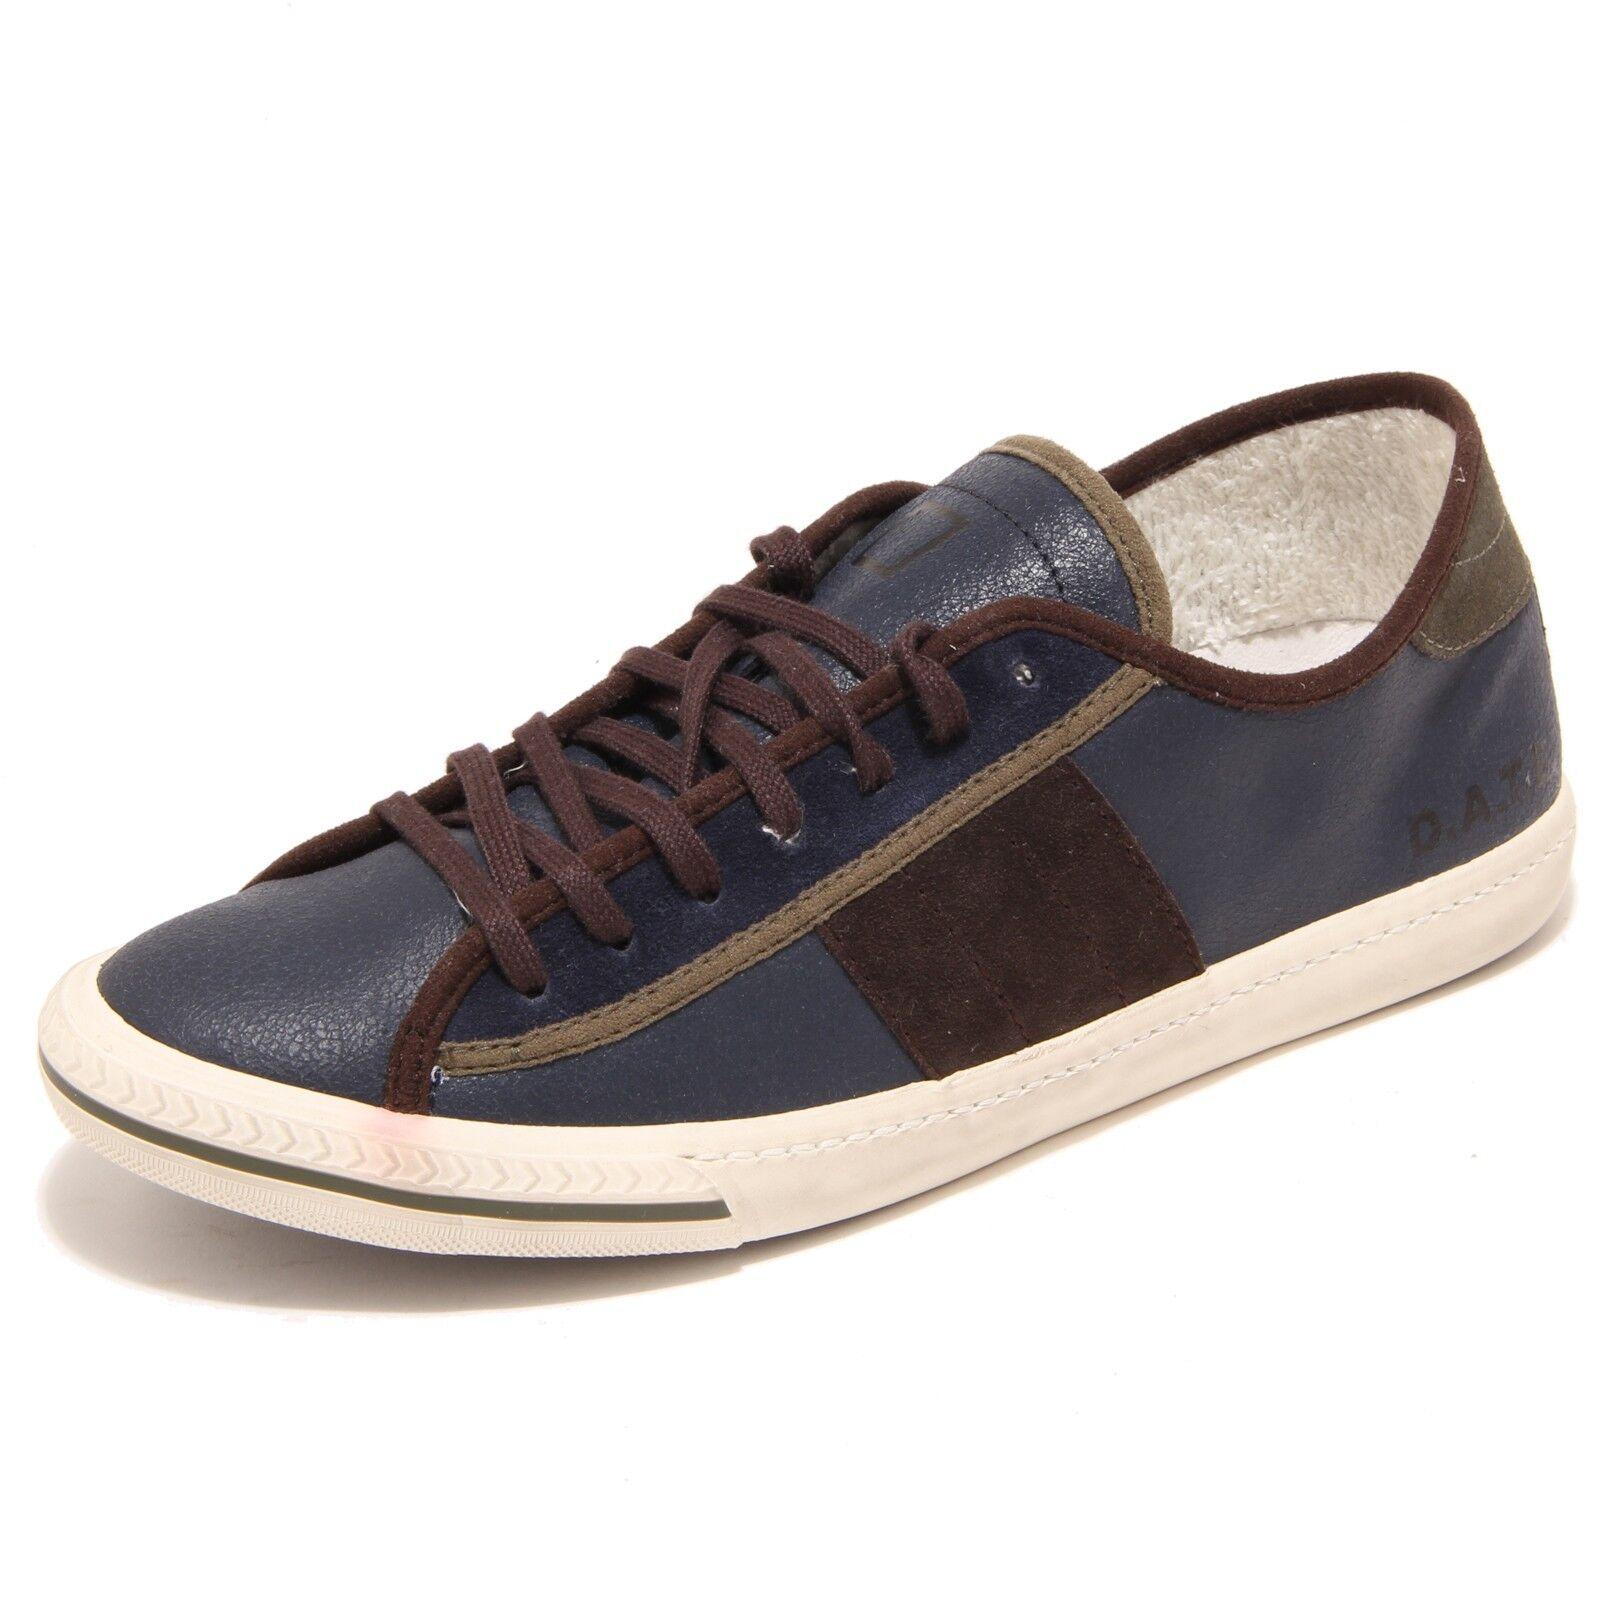 3068I scarpe da ginnastica uomo blu D.A.T.E. tender low plus scarpe Scarpe Uomo